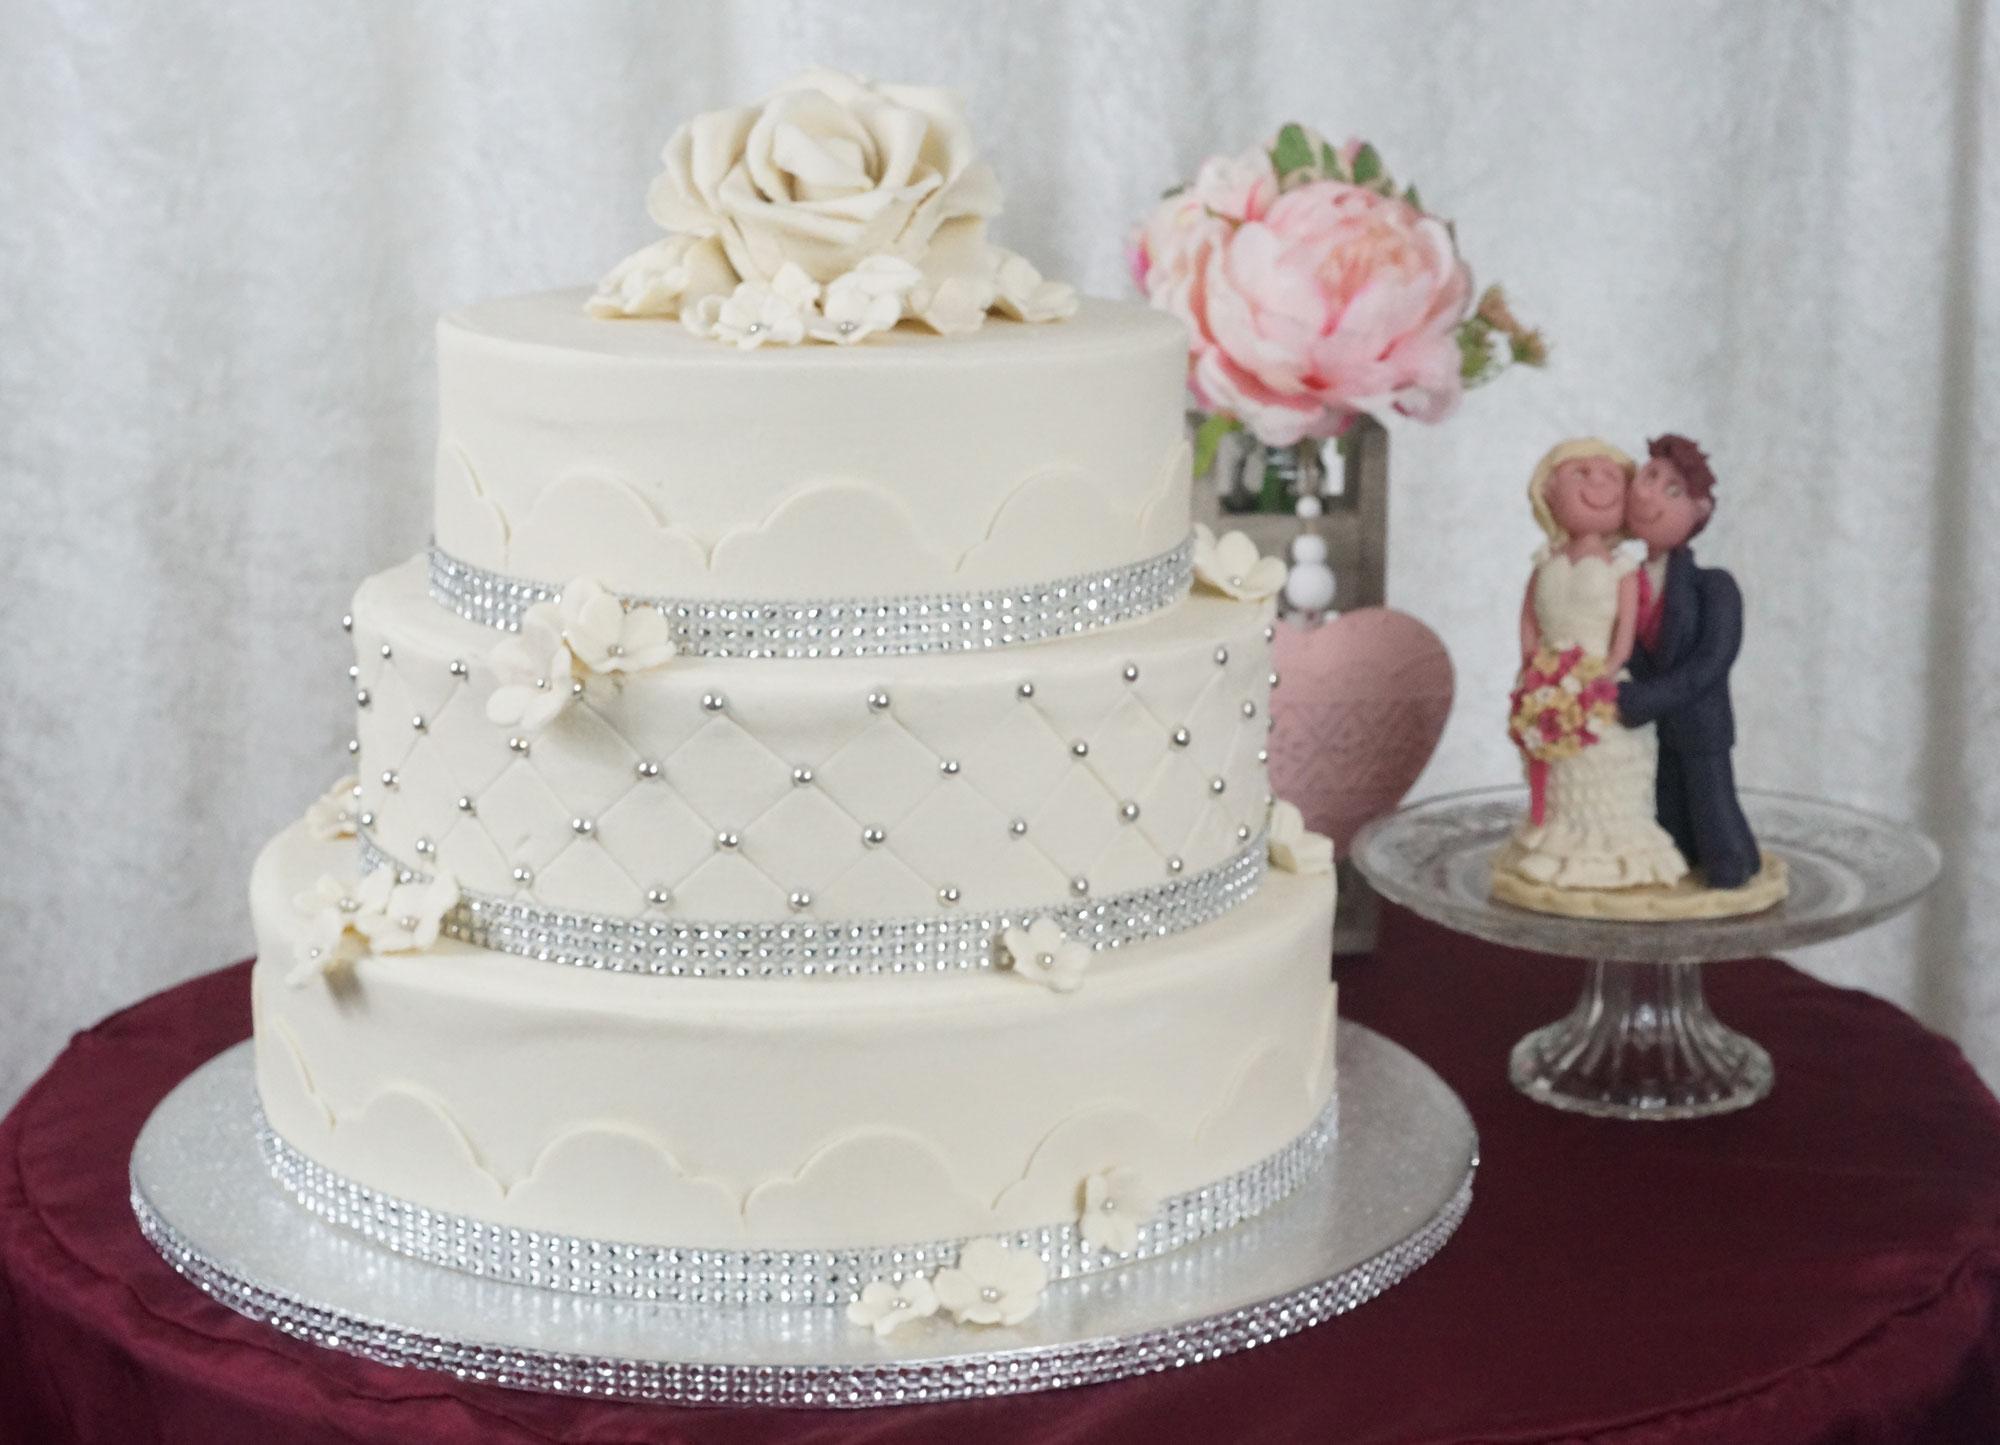 Marzipanzauber Individuelle Hochzeitstorten Marzipanprasente